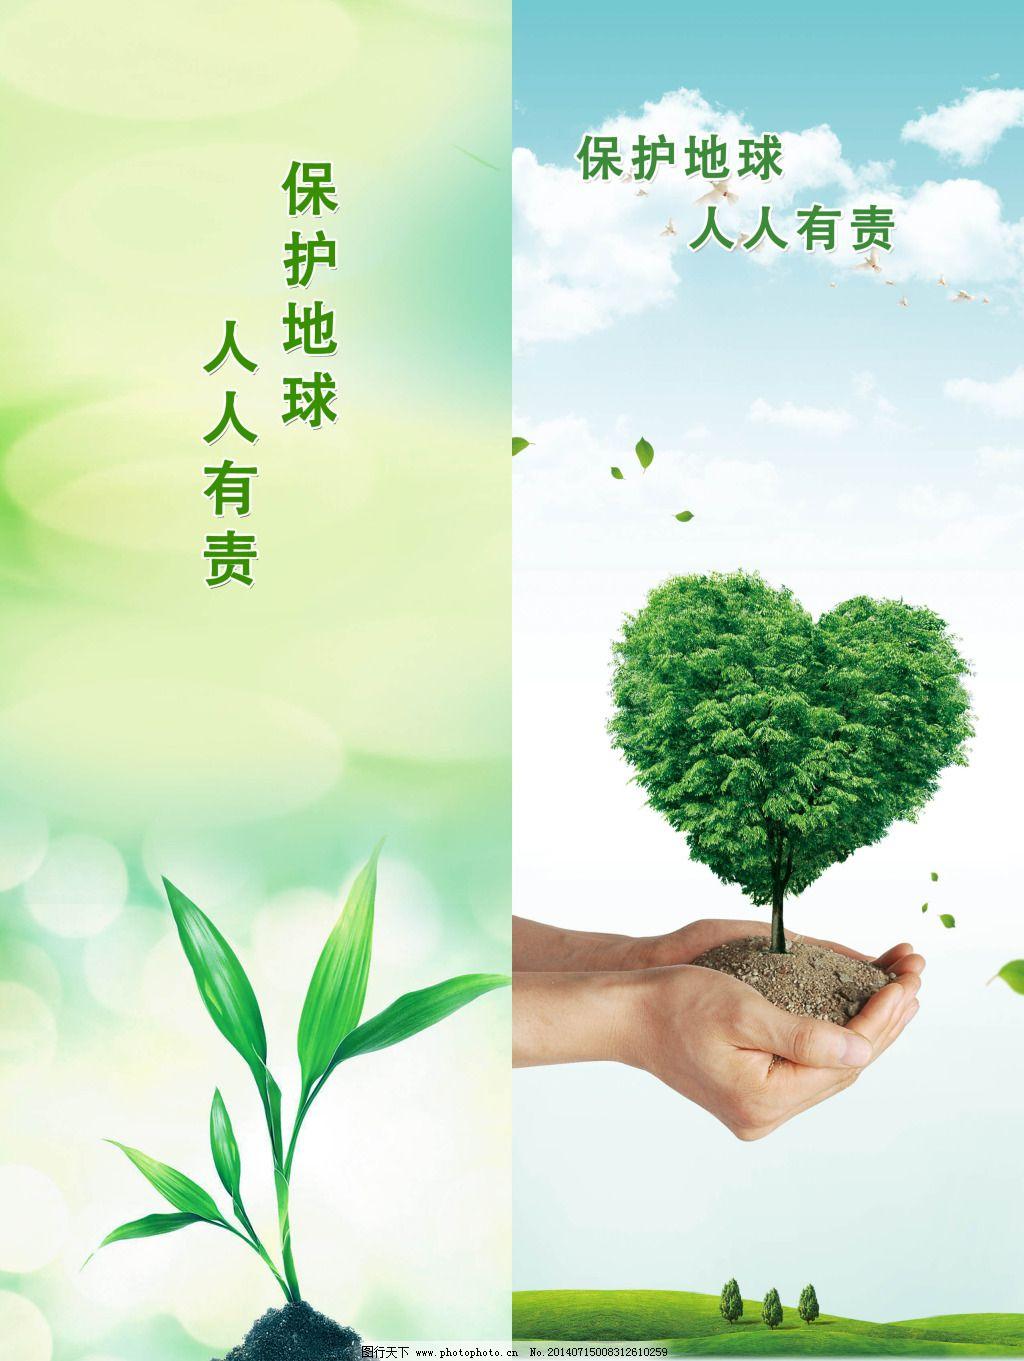 保护环境海报免费下载